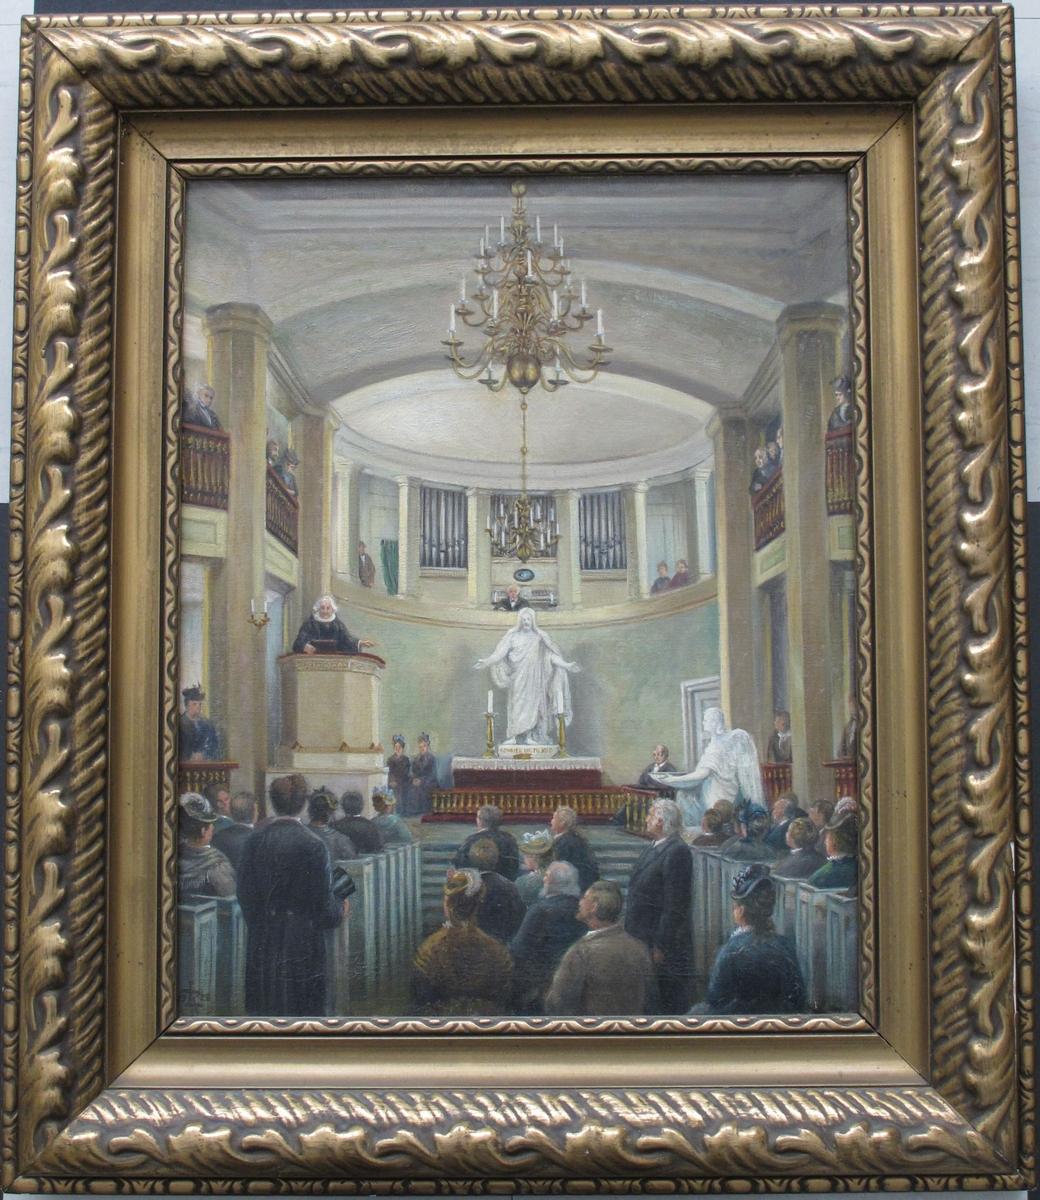 Interiøret i Arendals kirke nr. 2  (Groschkirken).  Interiør sett mot   koret  i kirken. med presten,  prost Cormontan,   på prekestolen og menigheten samlet  i de fulle benkerader og i midtgangen.  I koret to damer (Prostens døtre) og klokkeren.  Folk også på galleriene.  Rommet er malt i lyst grått, lys grønnt  og lyst beige. dyprødt ved alteret